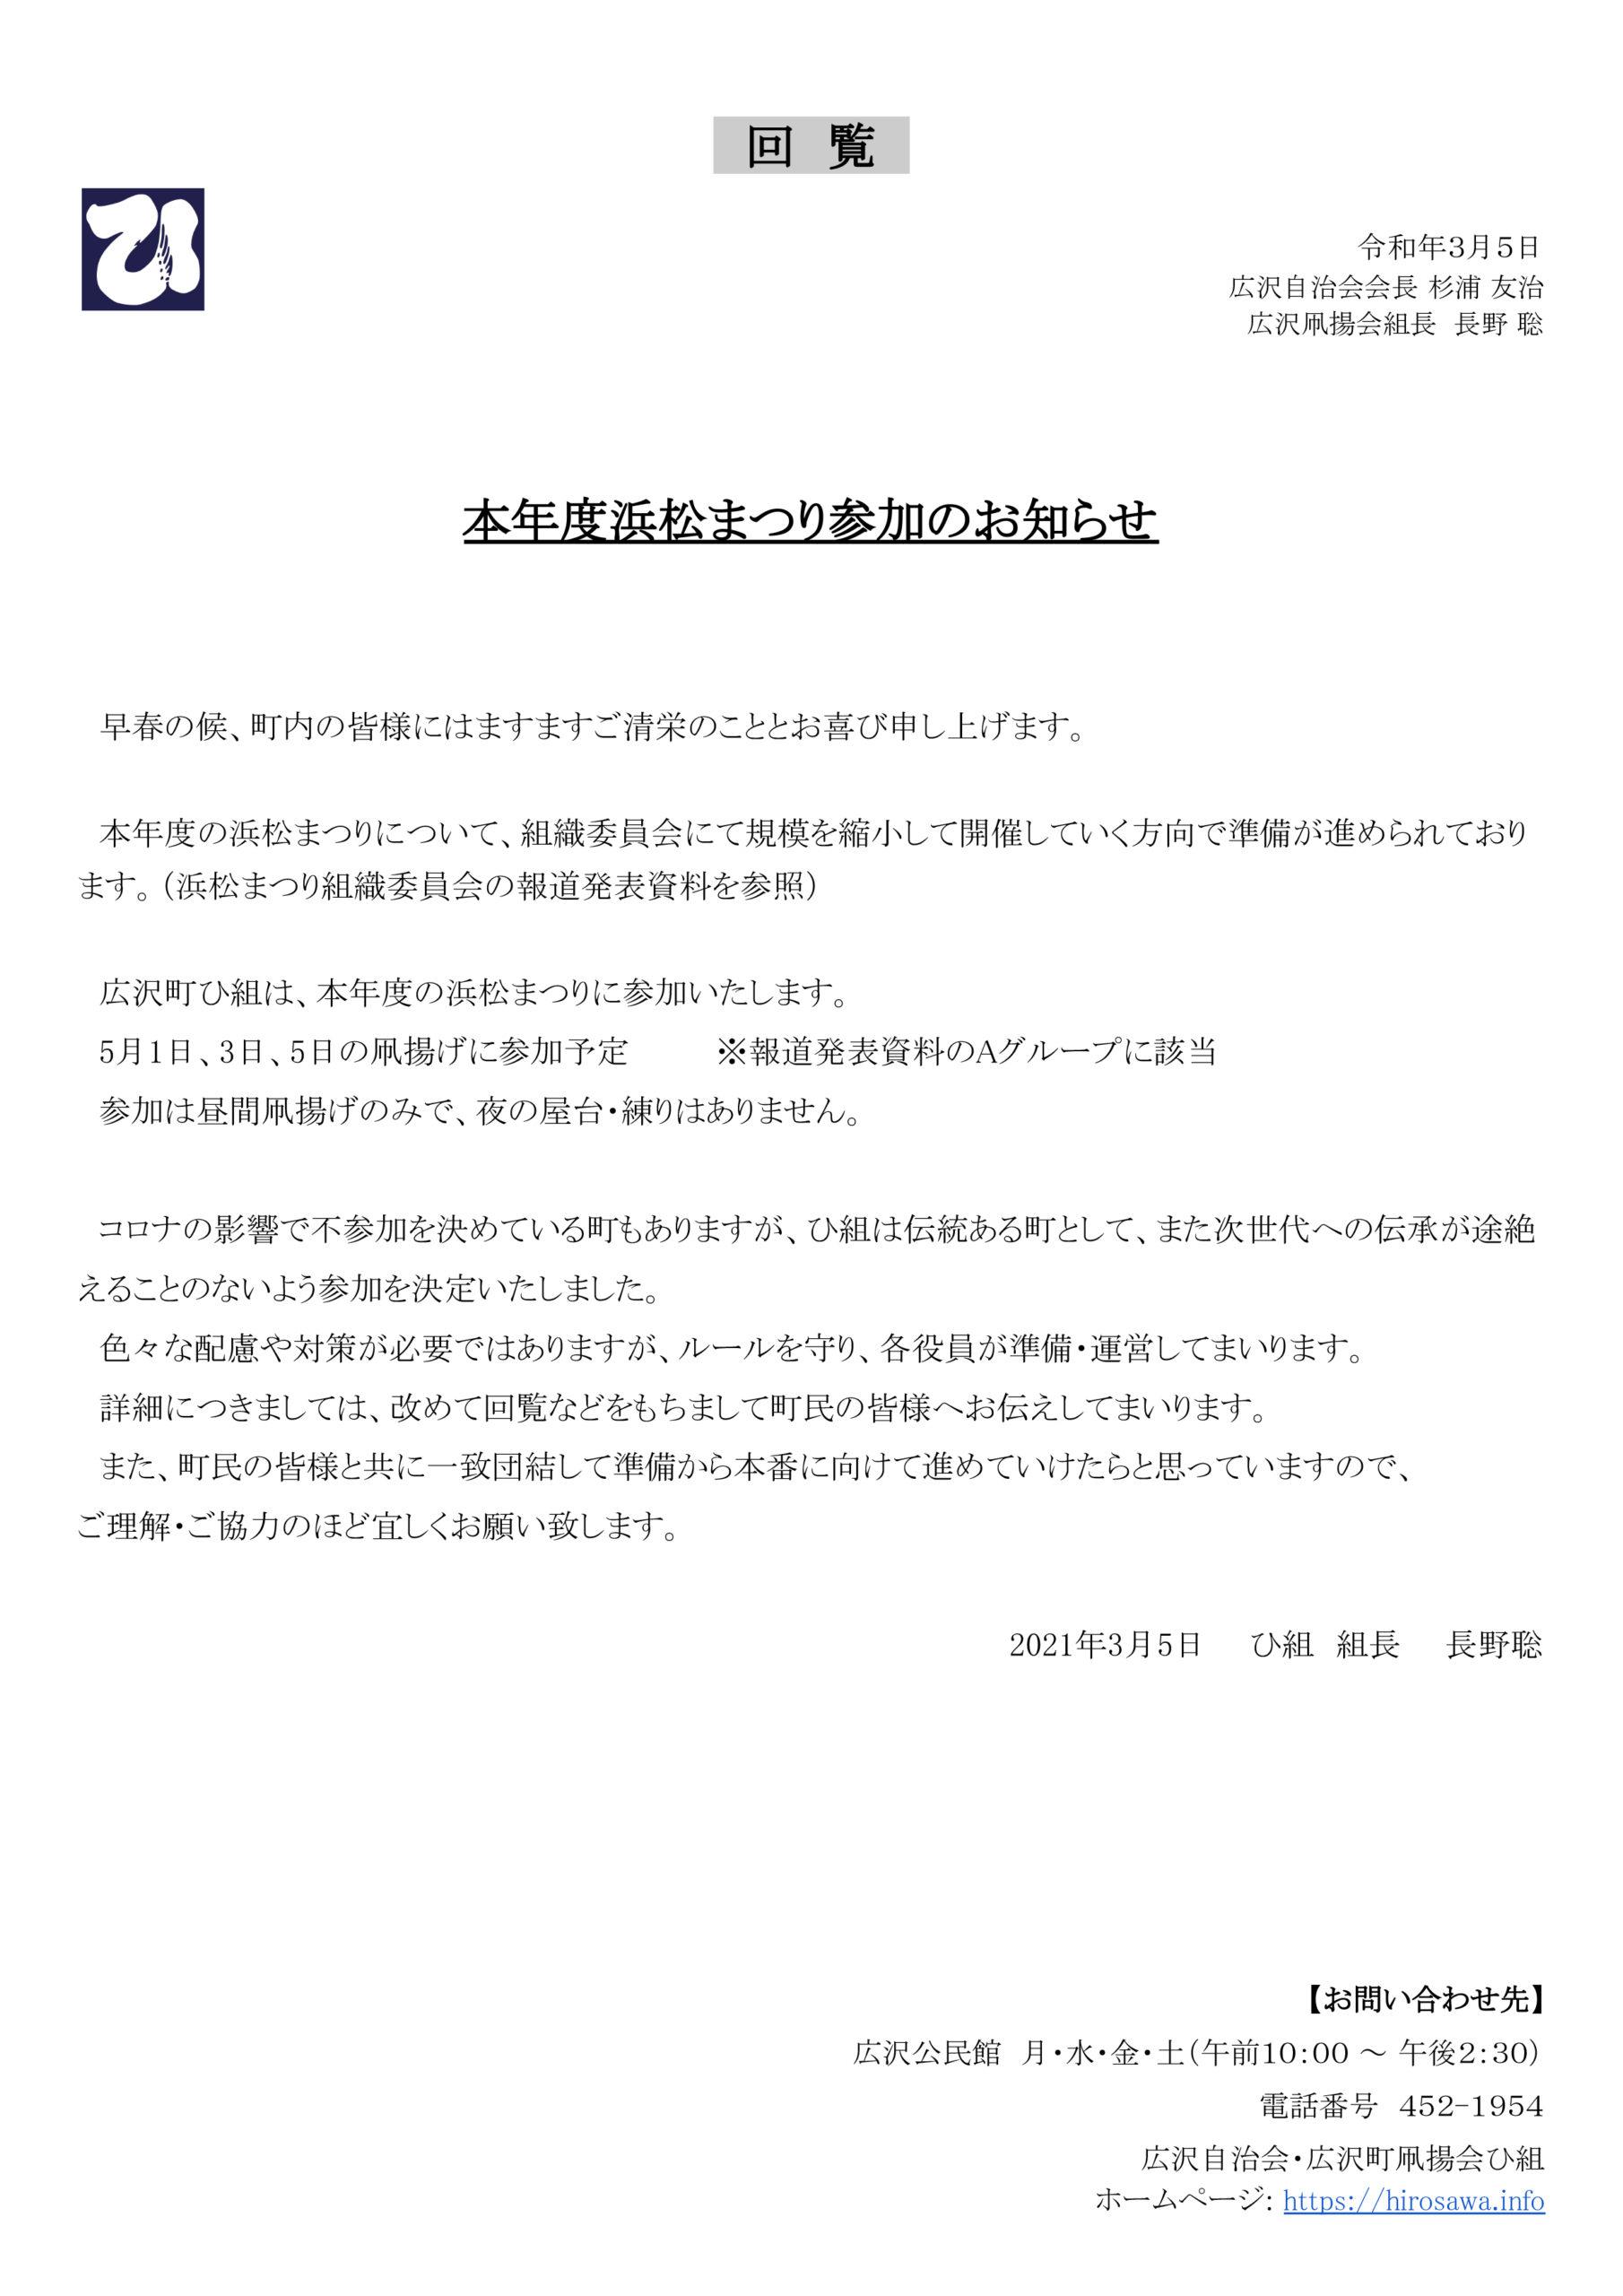 【回覧資料 令和3年3月5日】本年度浜松まつり参加のお知らせ